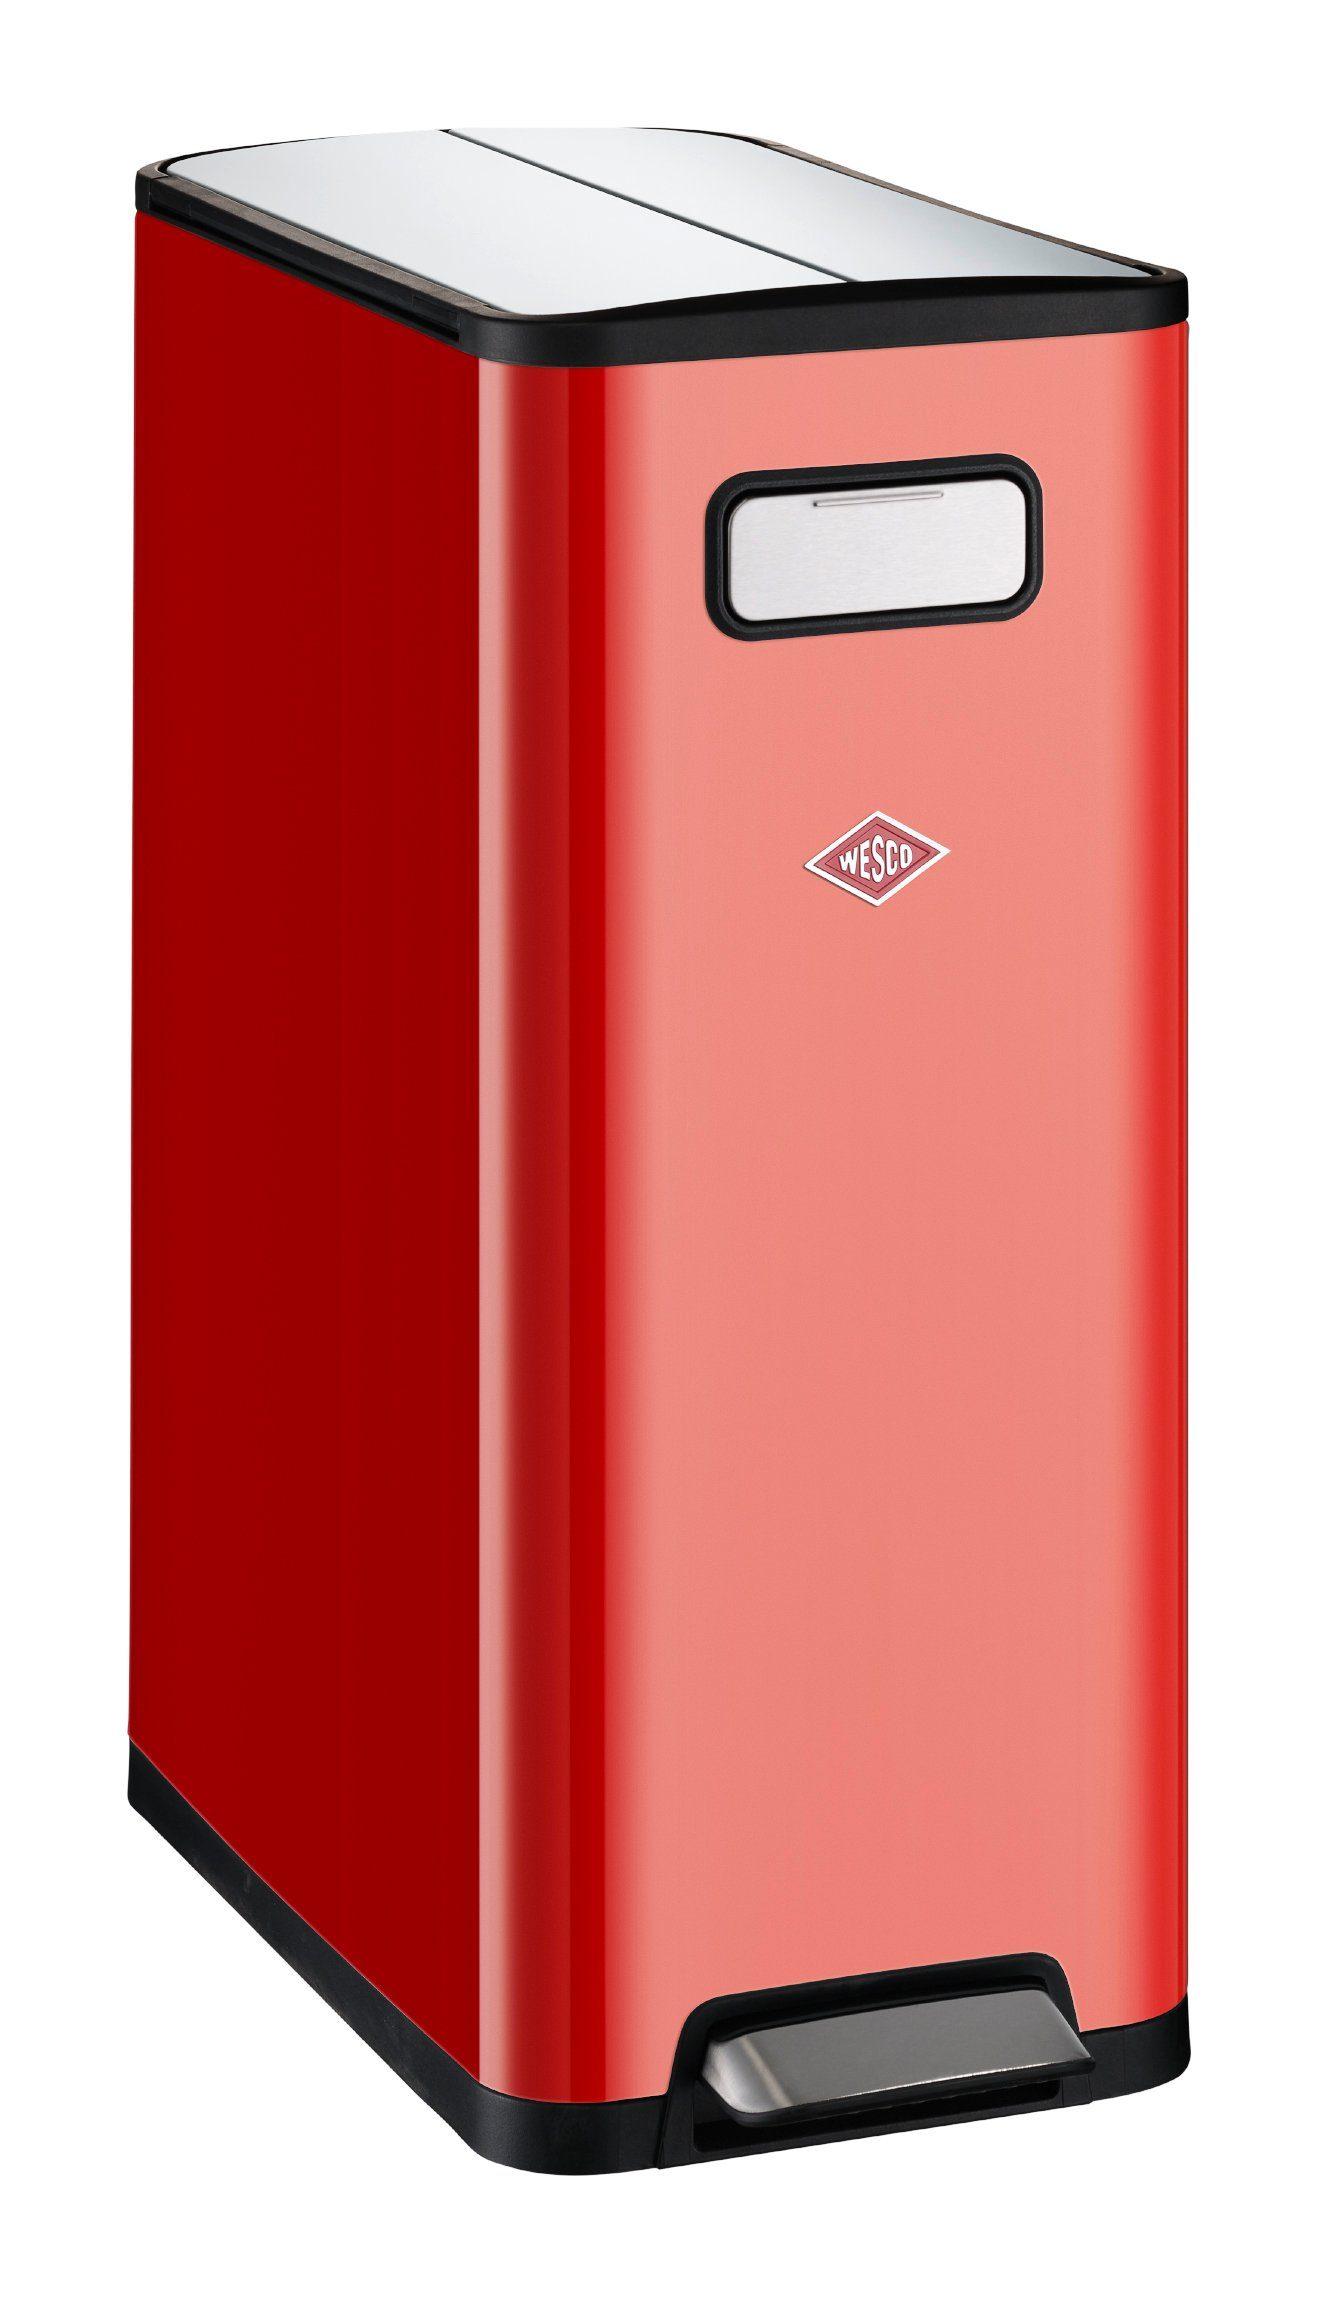 Wesco Mülltrenner BIG DOUBLE MA Wohnen/Haushalt/Haushaltswaren/Reinigung/Mülleimer/Mülltrennsysteme